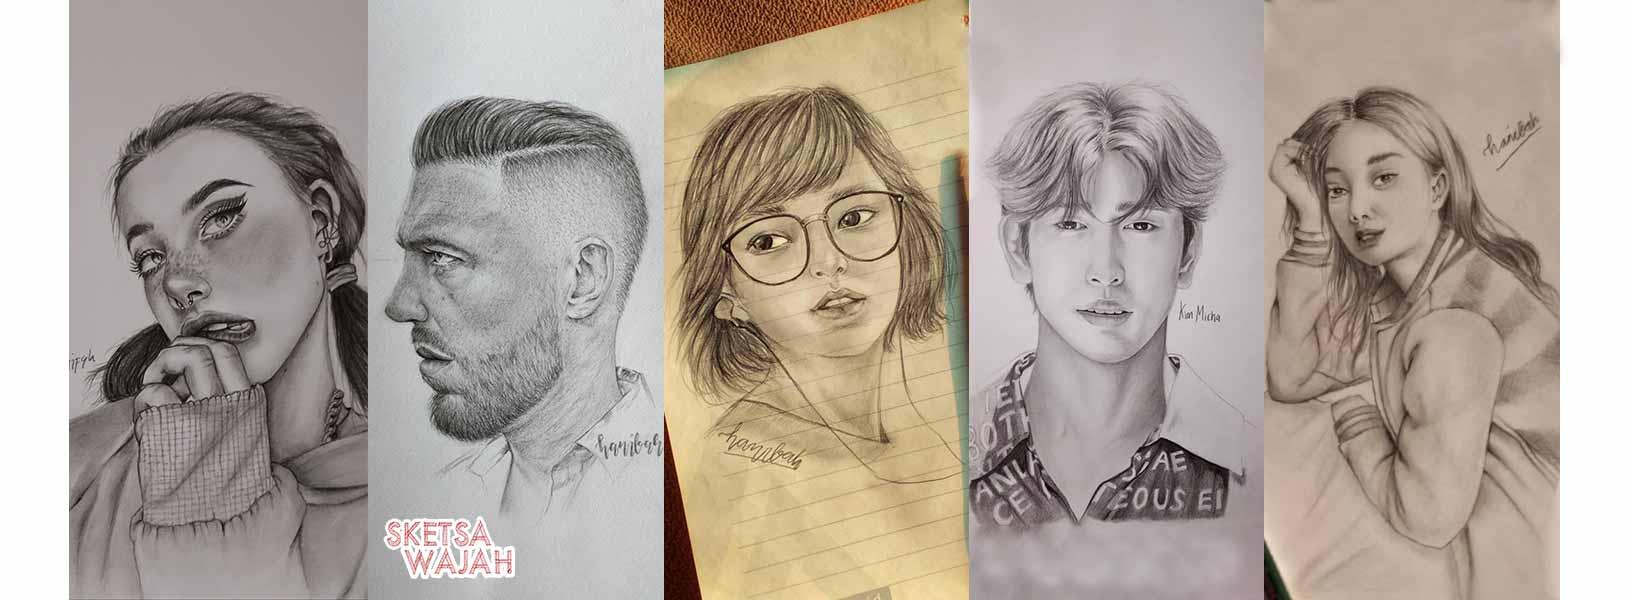 Karya Noer Hanifah Suganda sketcher Sketsa Wajah